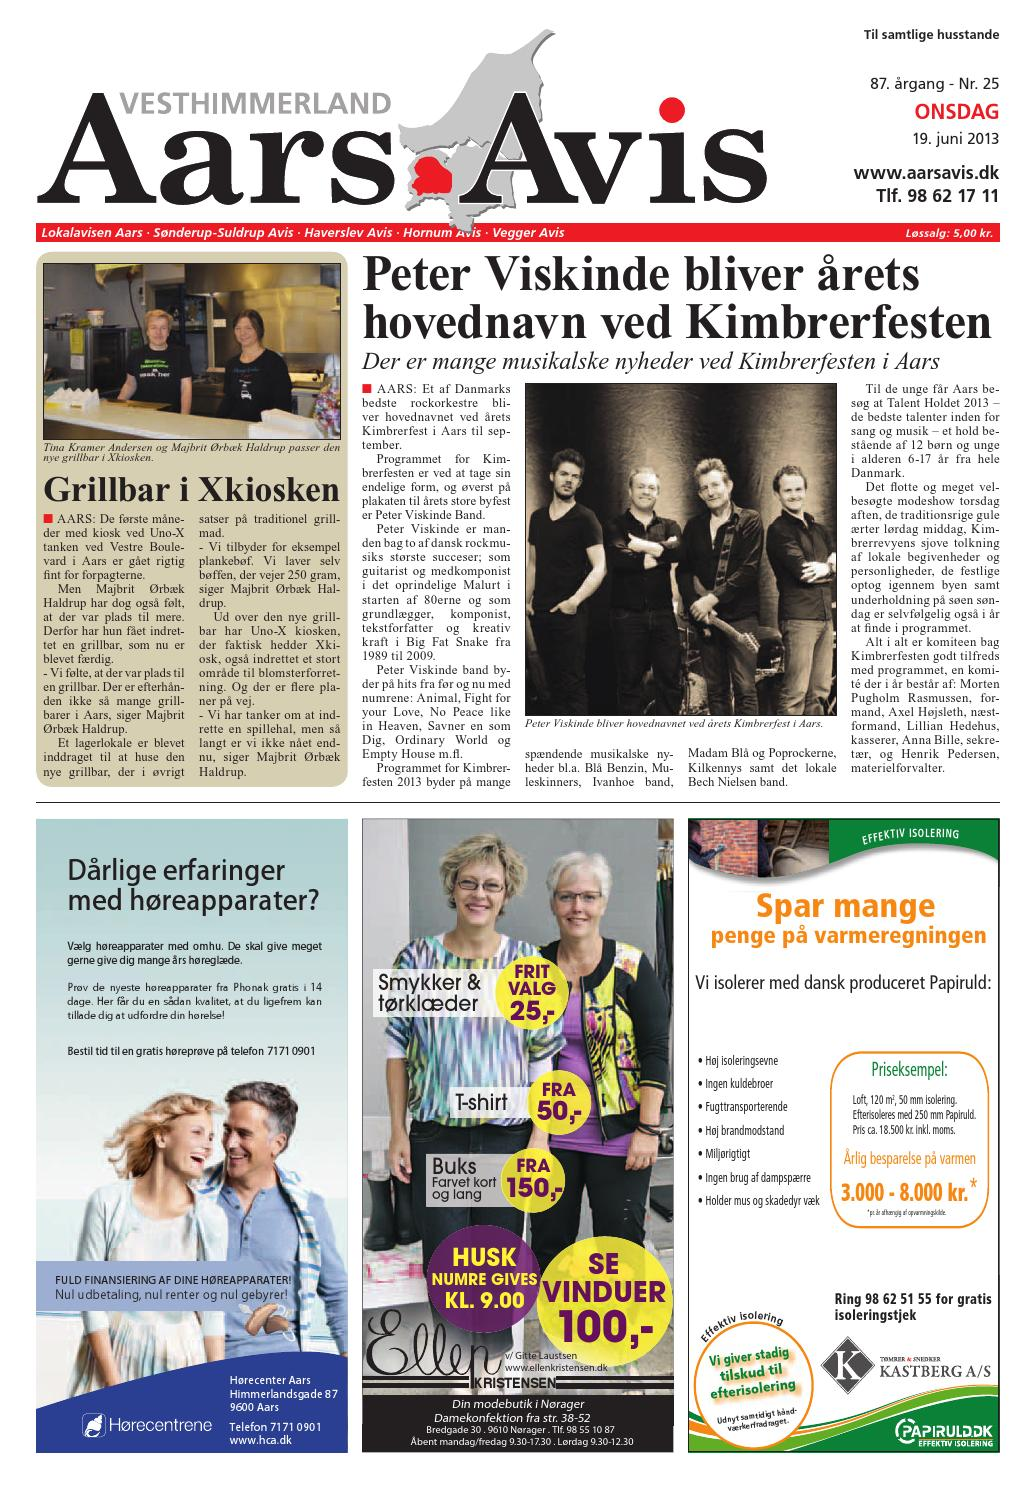 Aars avis 2013 06 19 by Aars Avis - issuu 57c3e3902985e